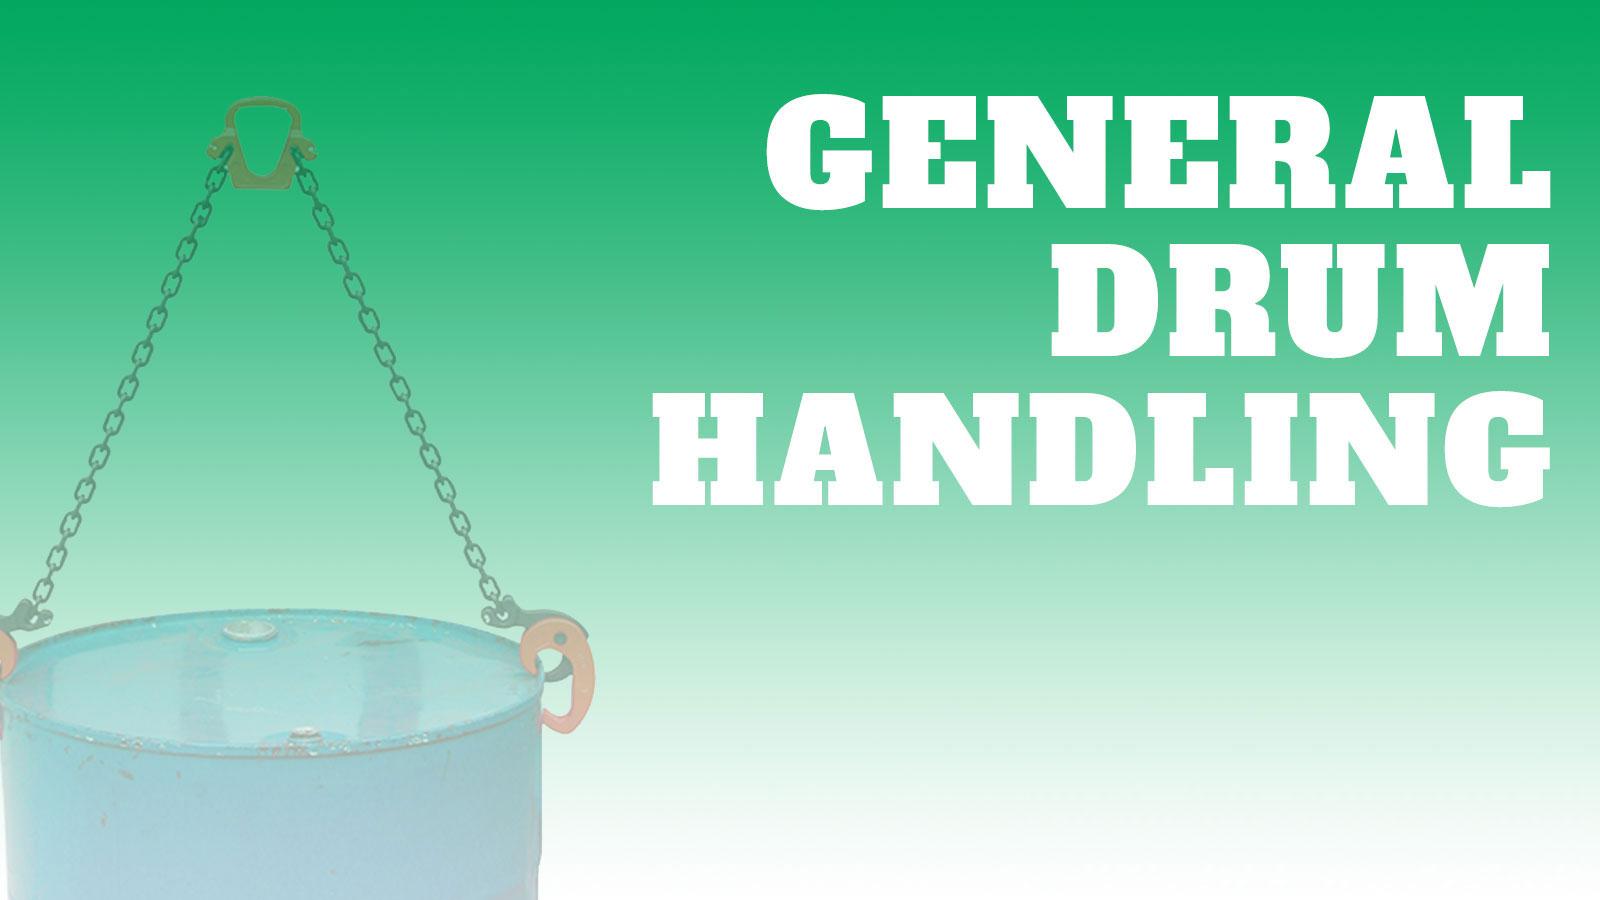 DrumHandling-General-Drum